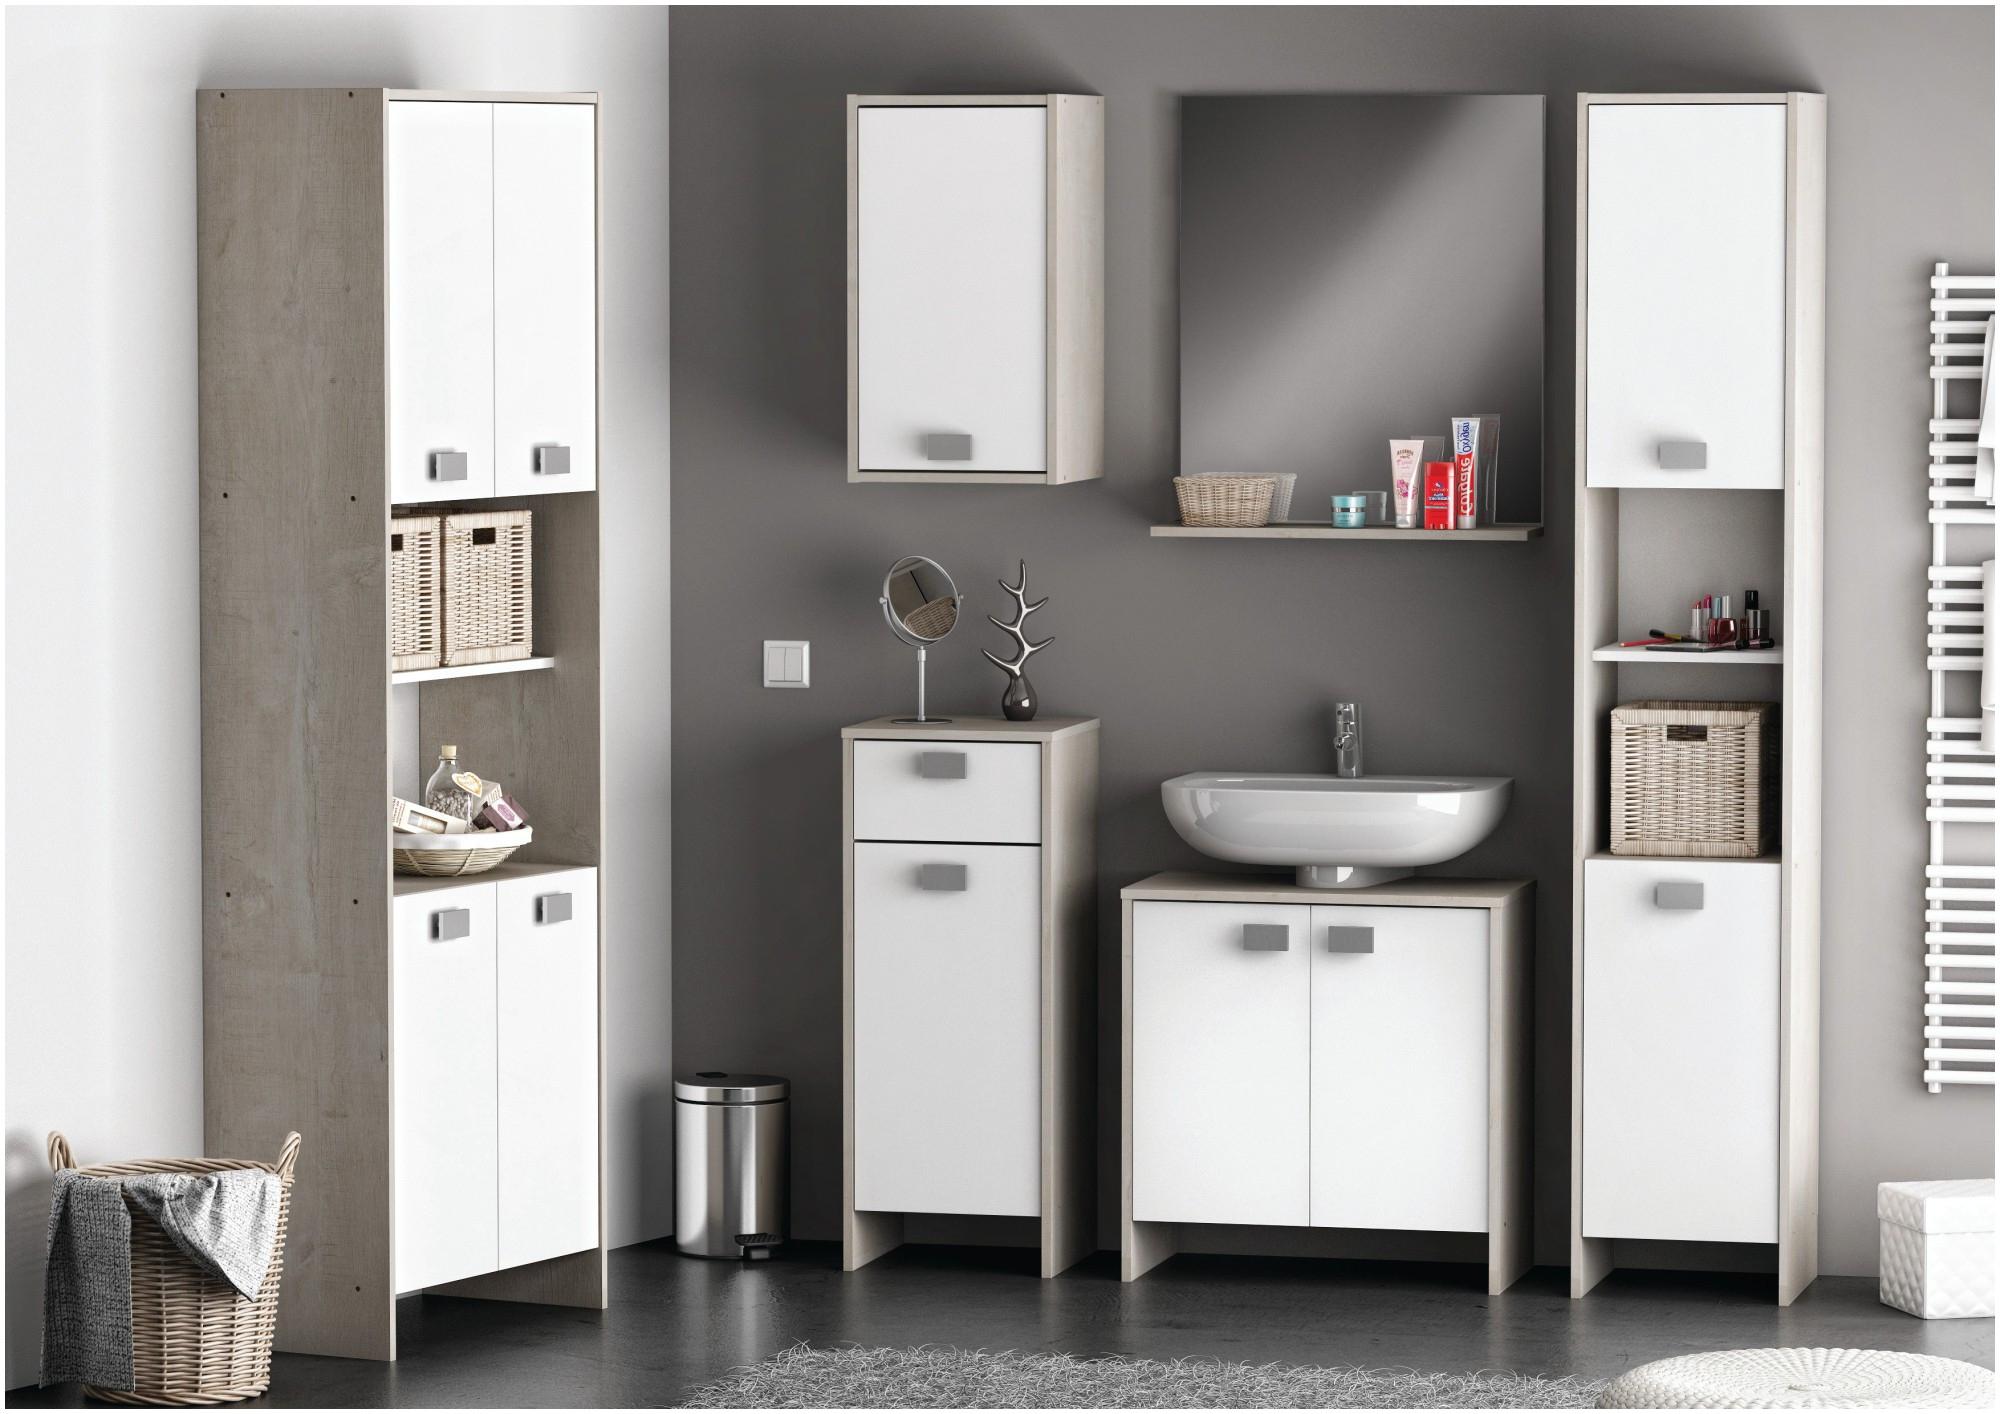 Meuble De Salle De Bain but Impressionnant Photographie Mini Réfrigérateur Darty Beau Meuble Salle De Bain Blanc Mat Meubles